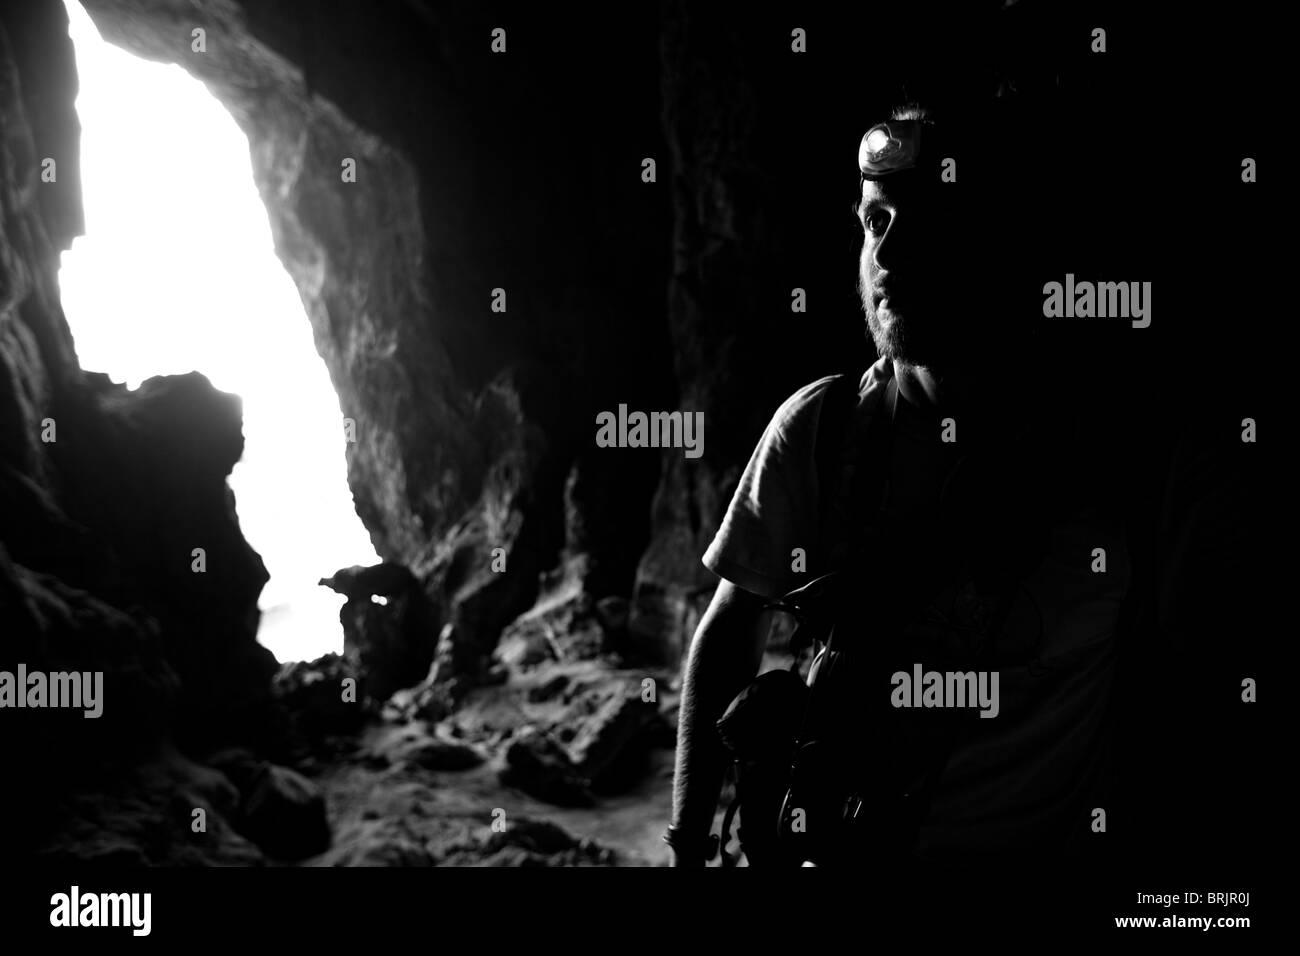 Macho barbudo explora una cueva de piedra caliza con su faro. Foto de stock